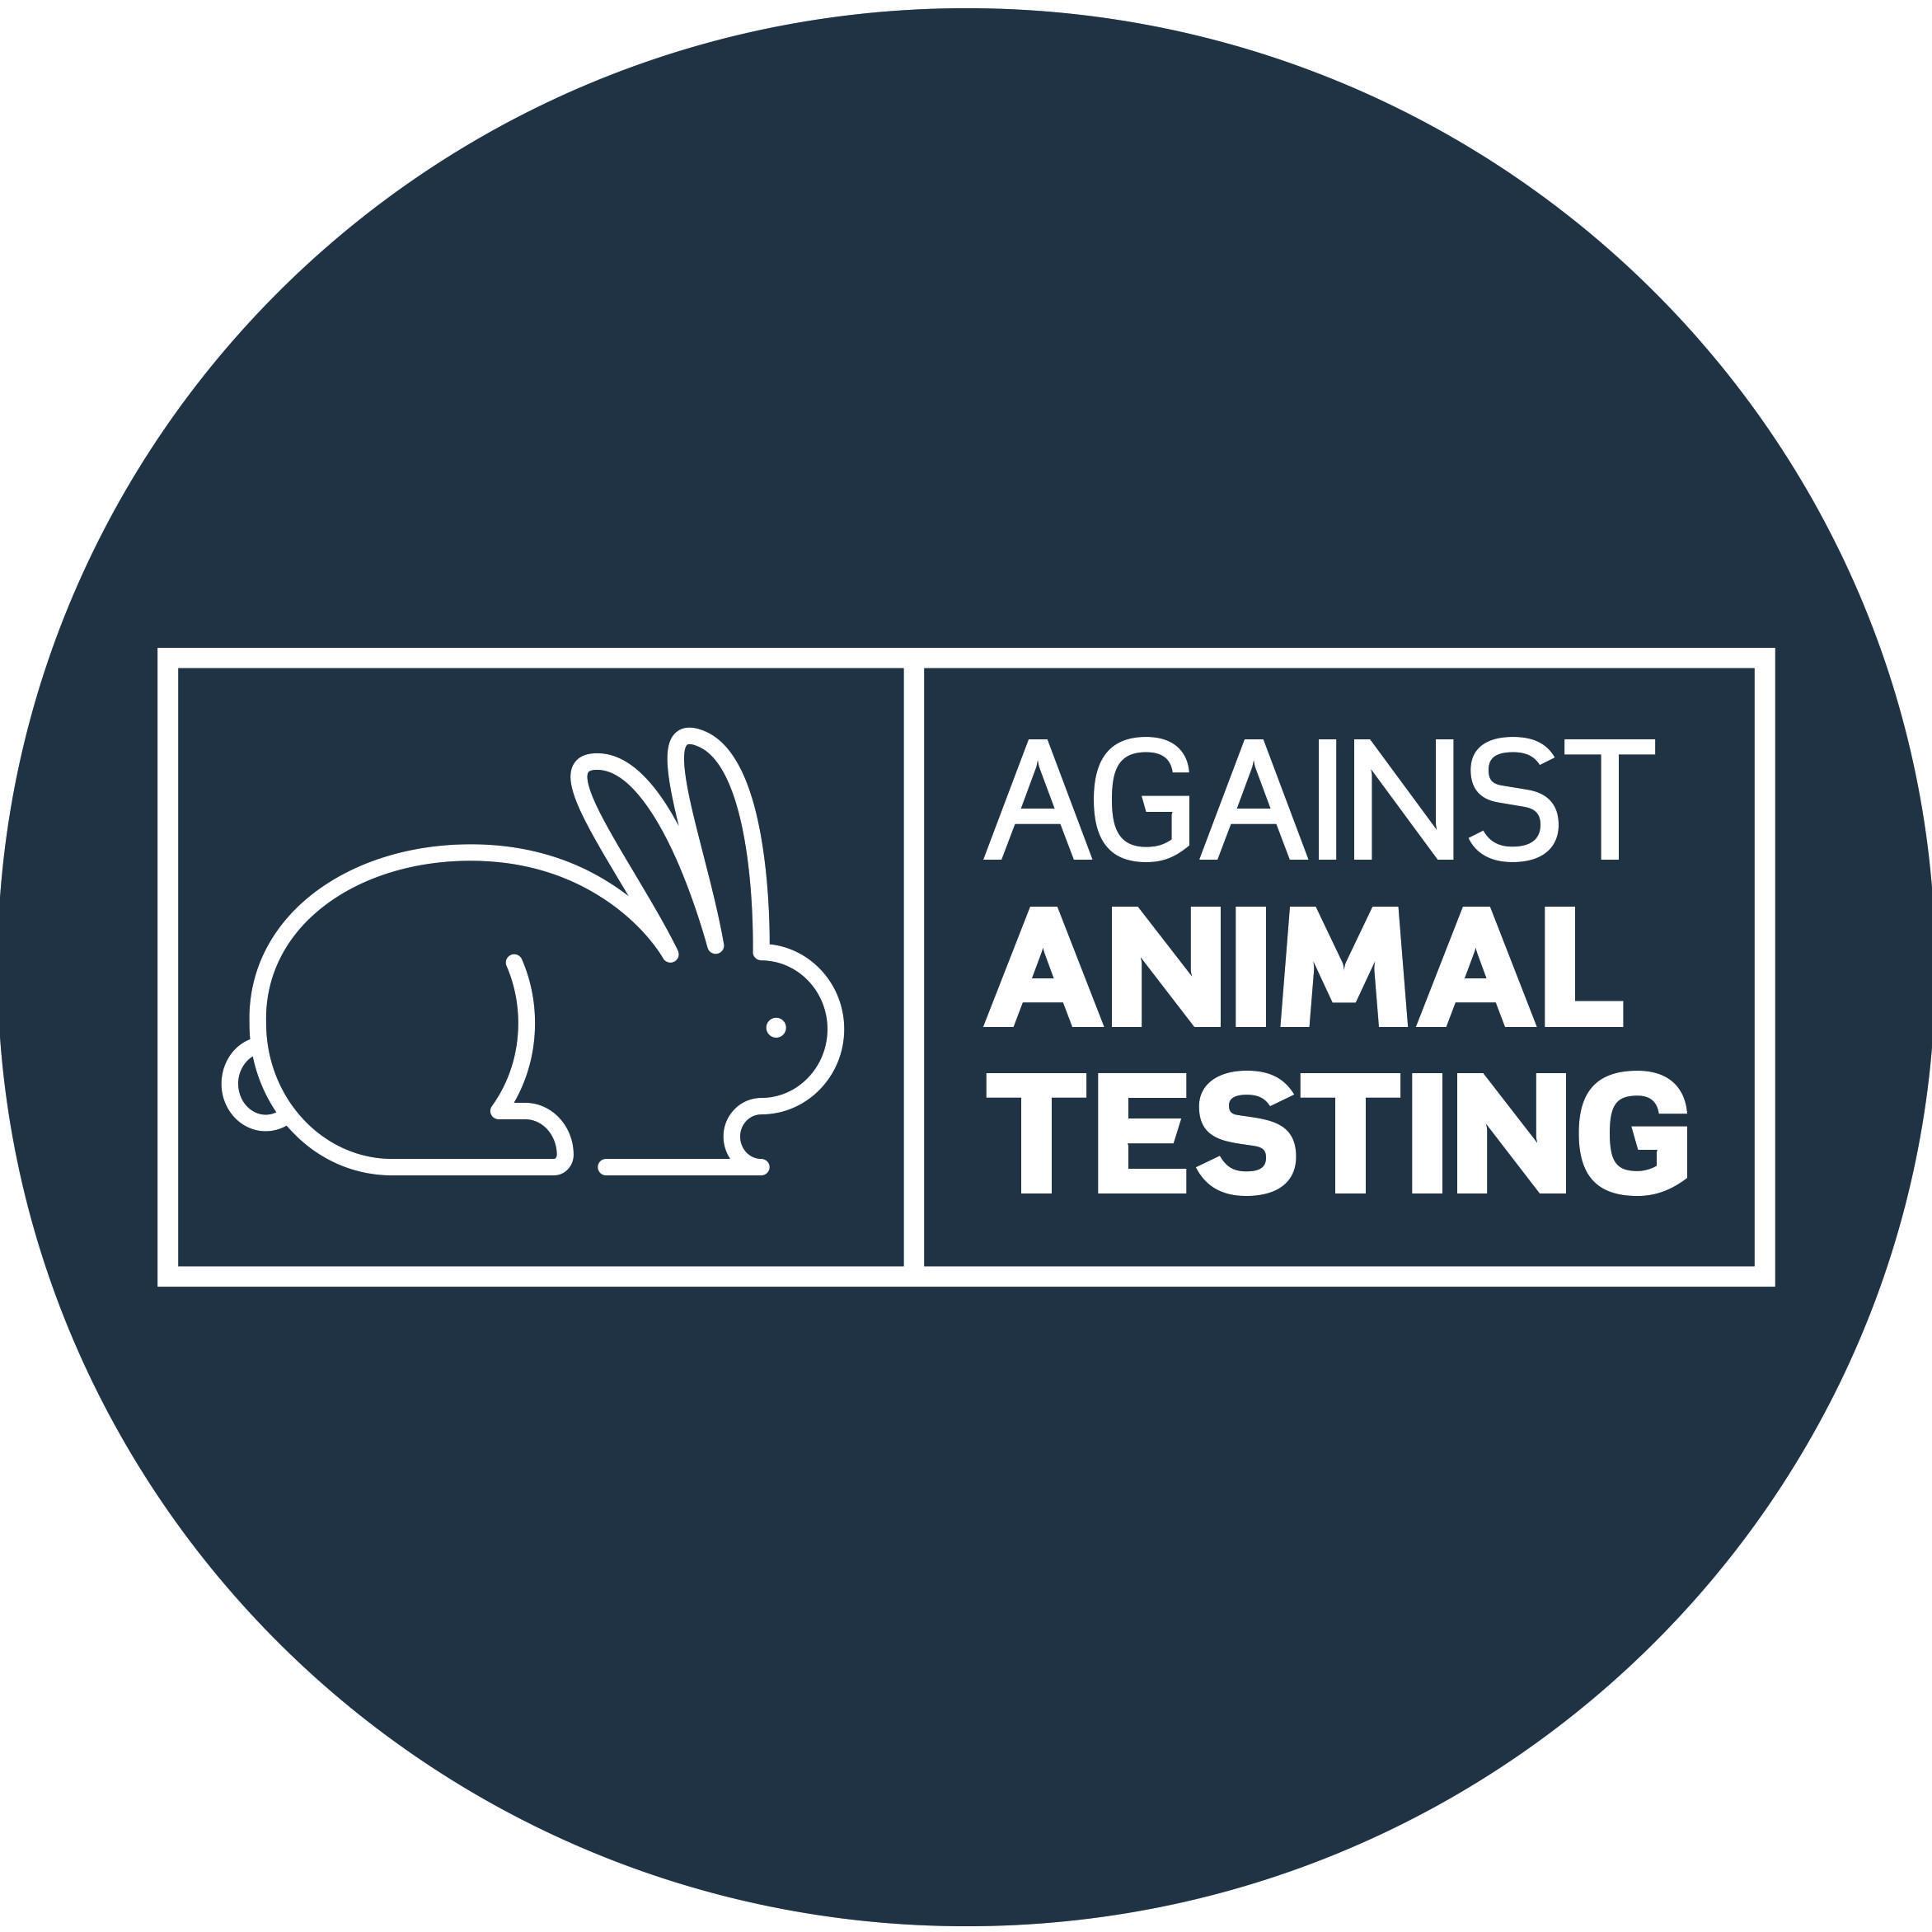 animal-testing-grey-circle.jpg